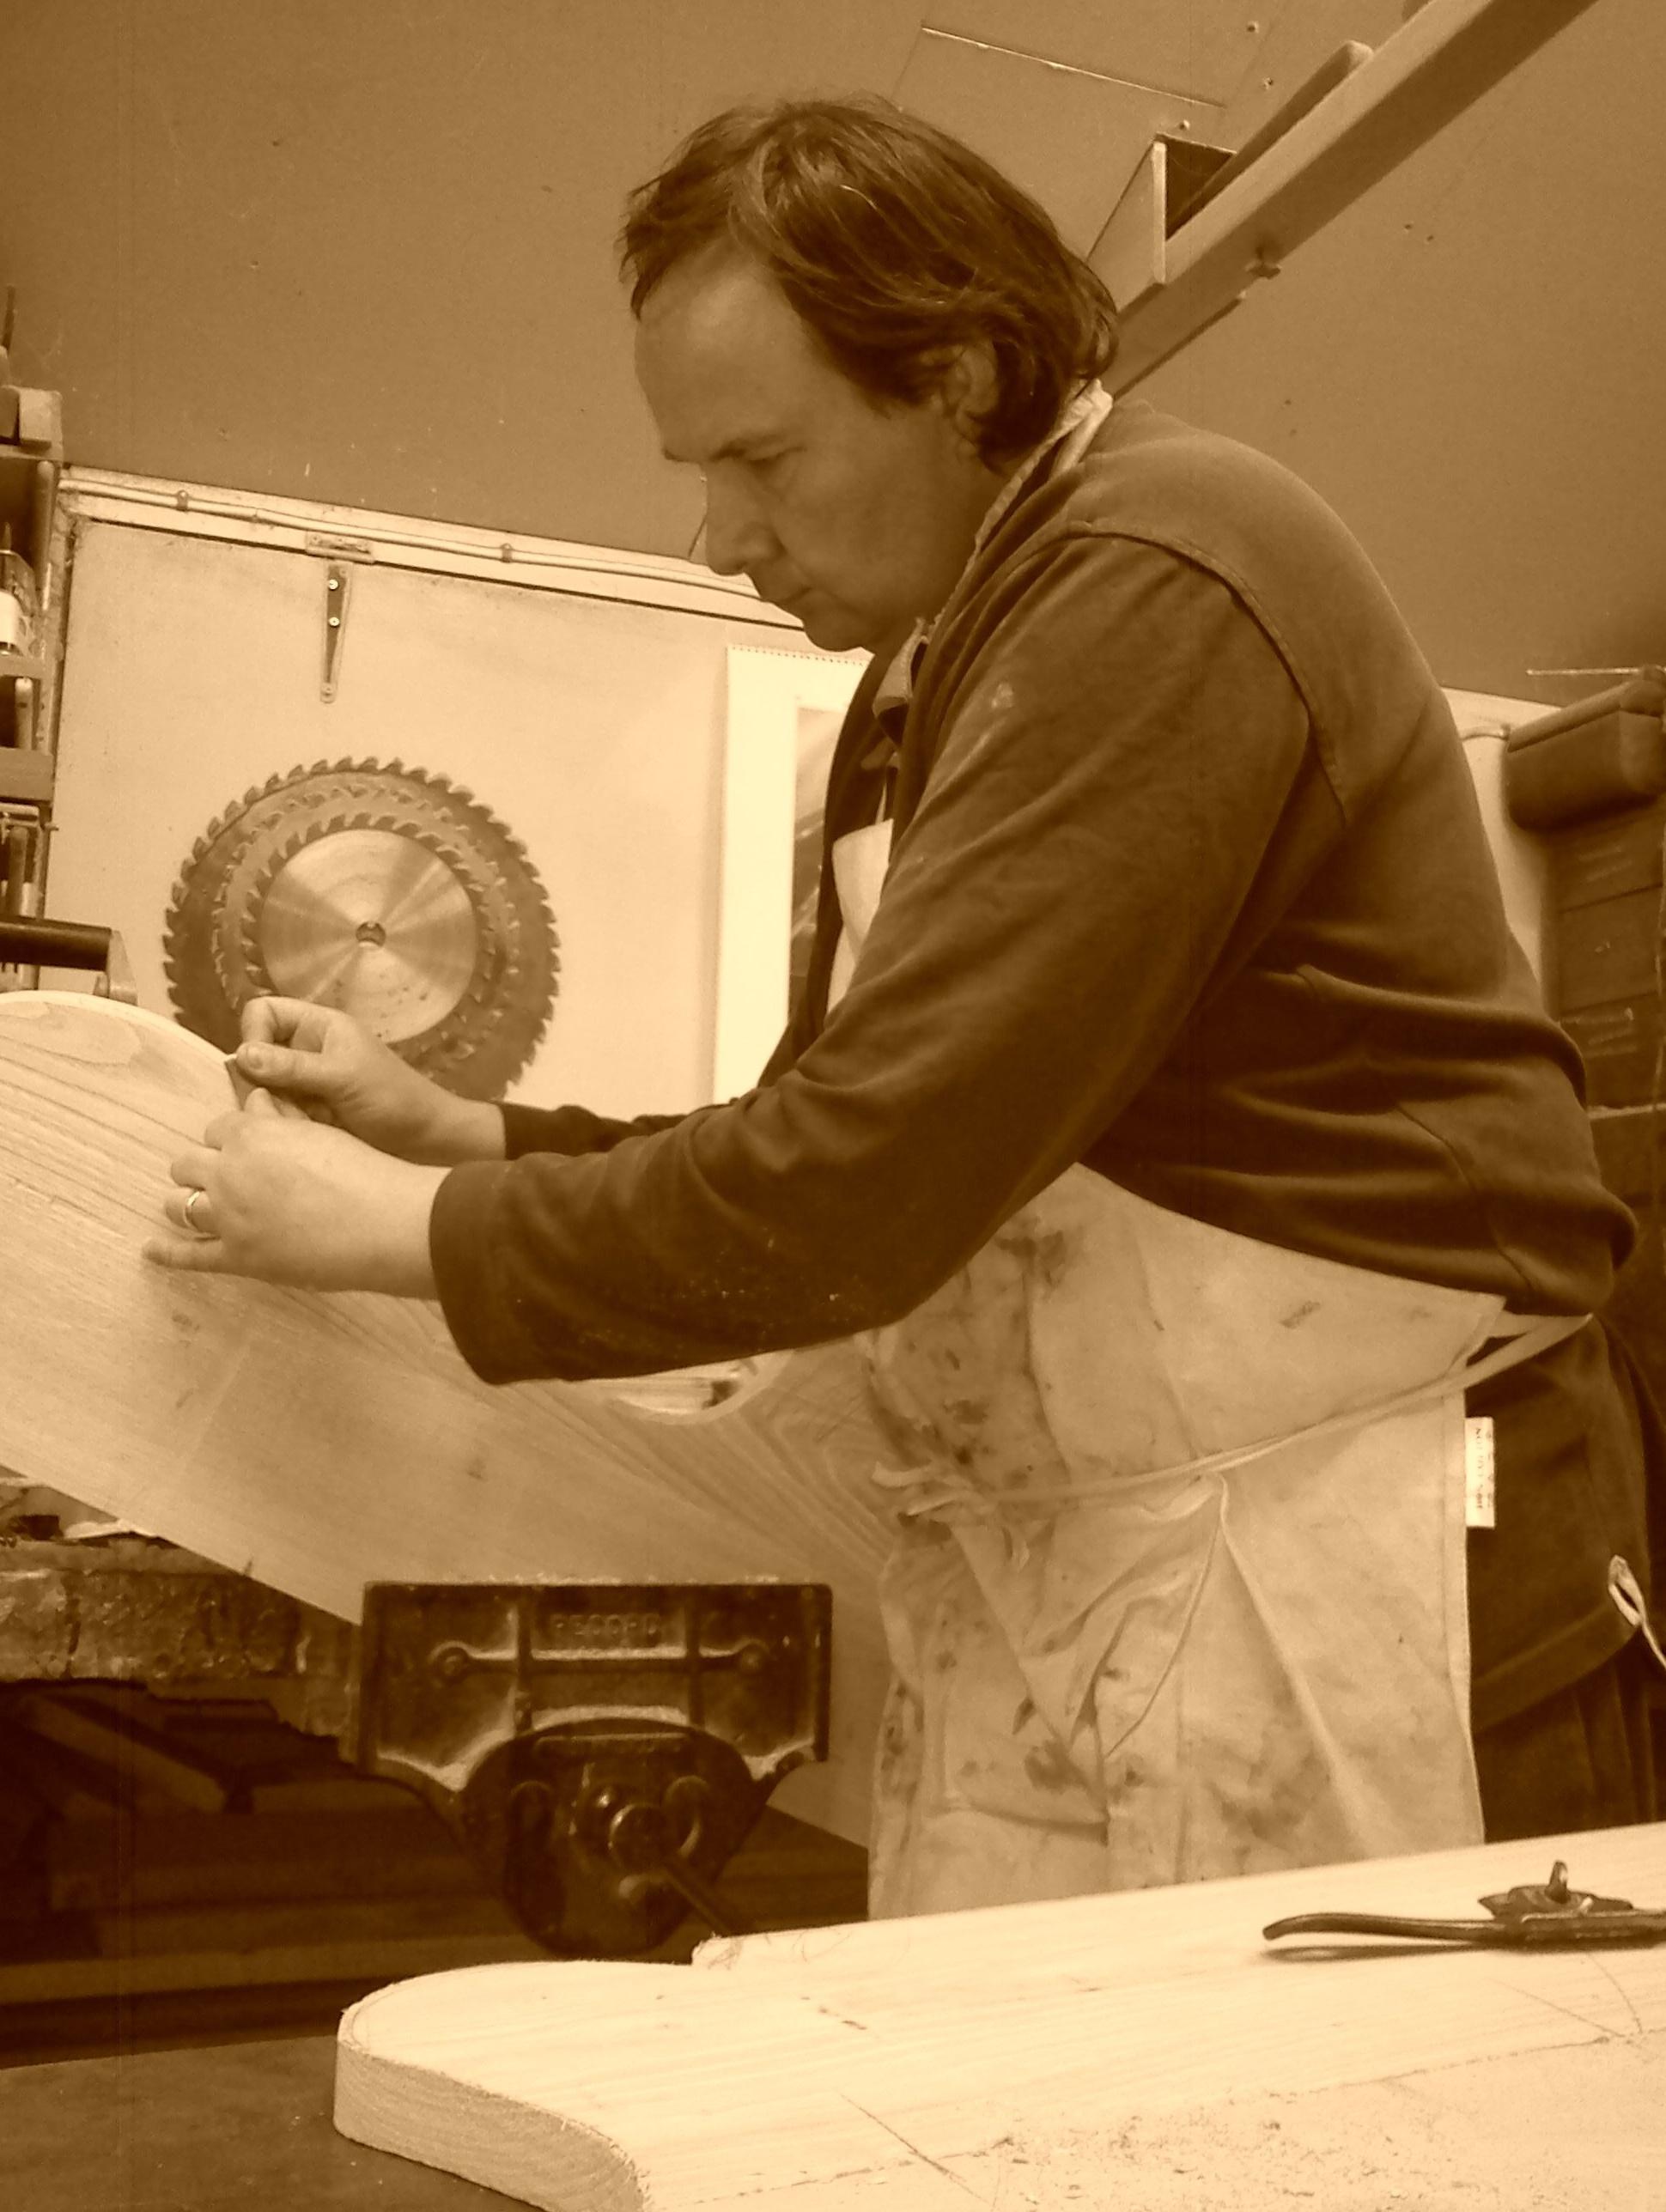 Master craftsman Patrick Turk